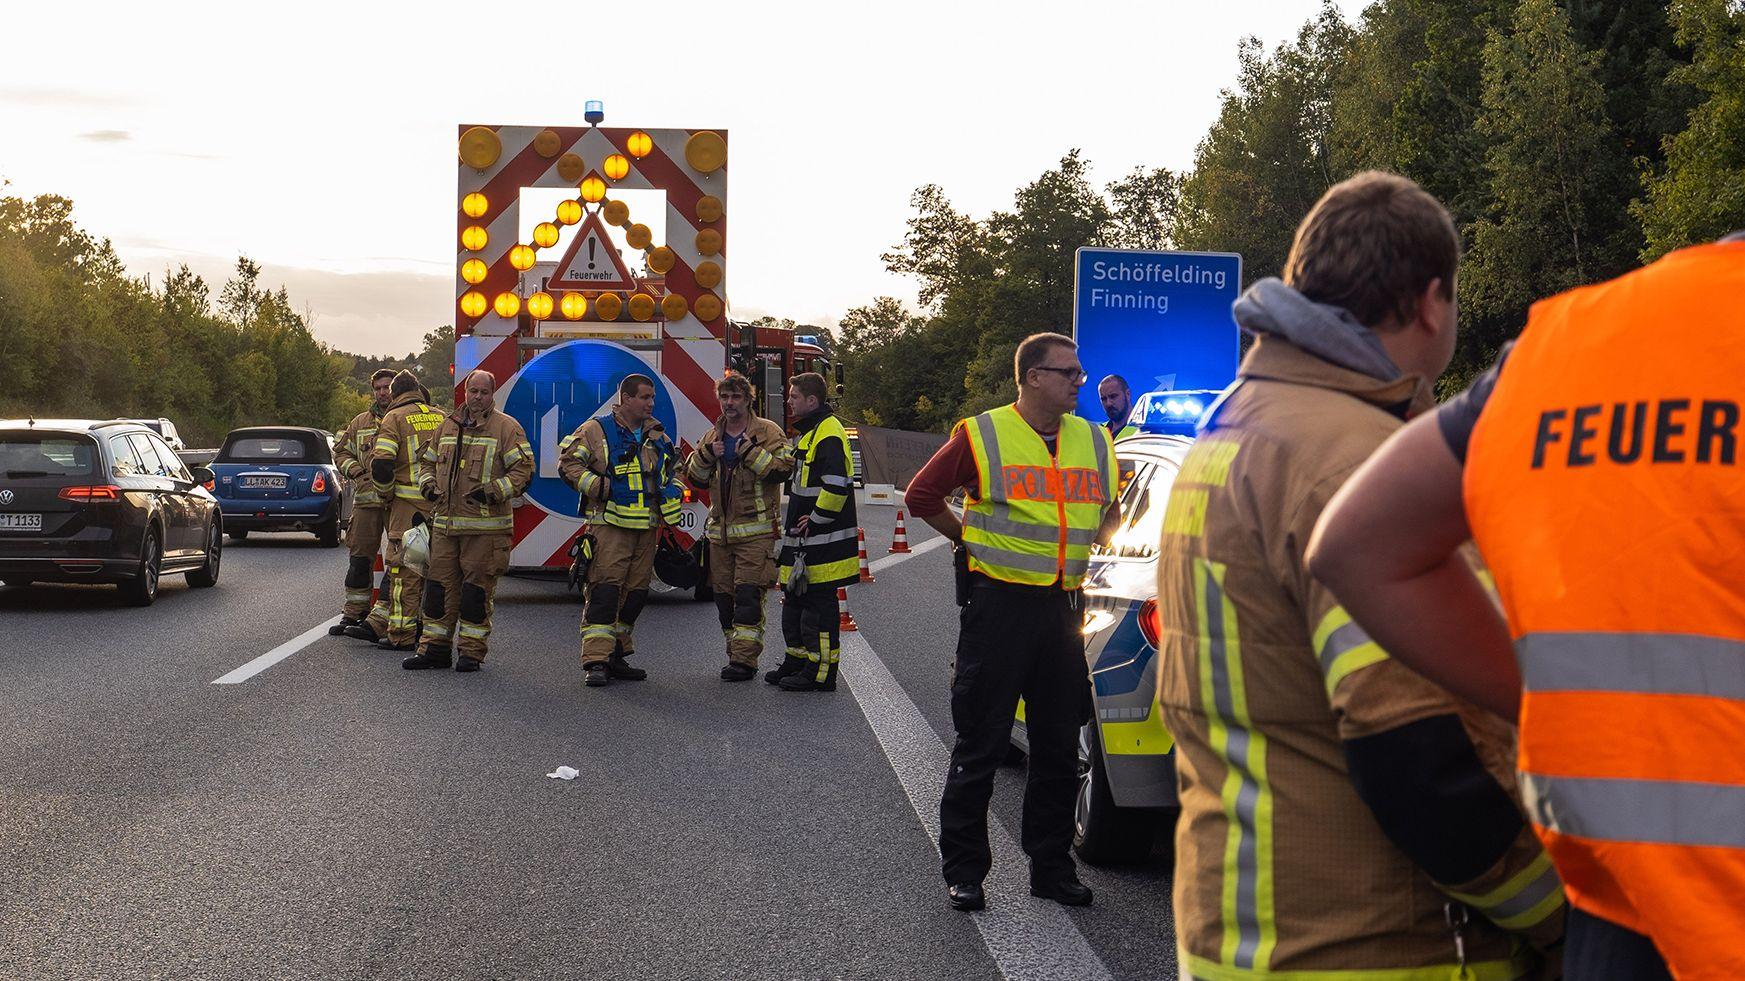 Tragischer Unfall auf der Autobahn 96 bei Schöffelding